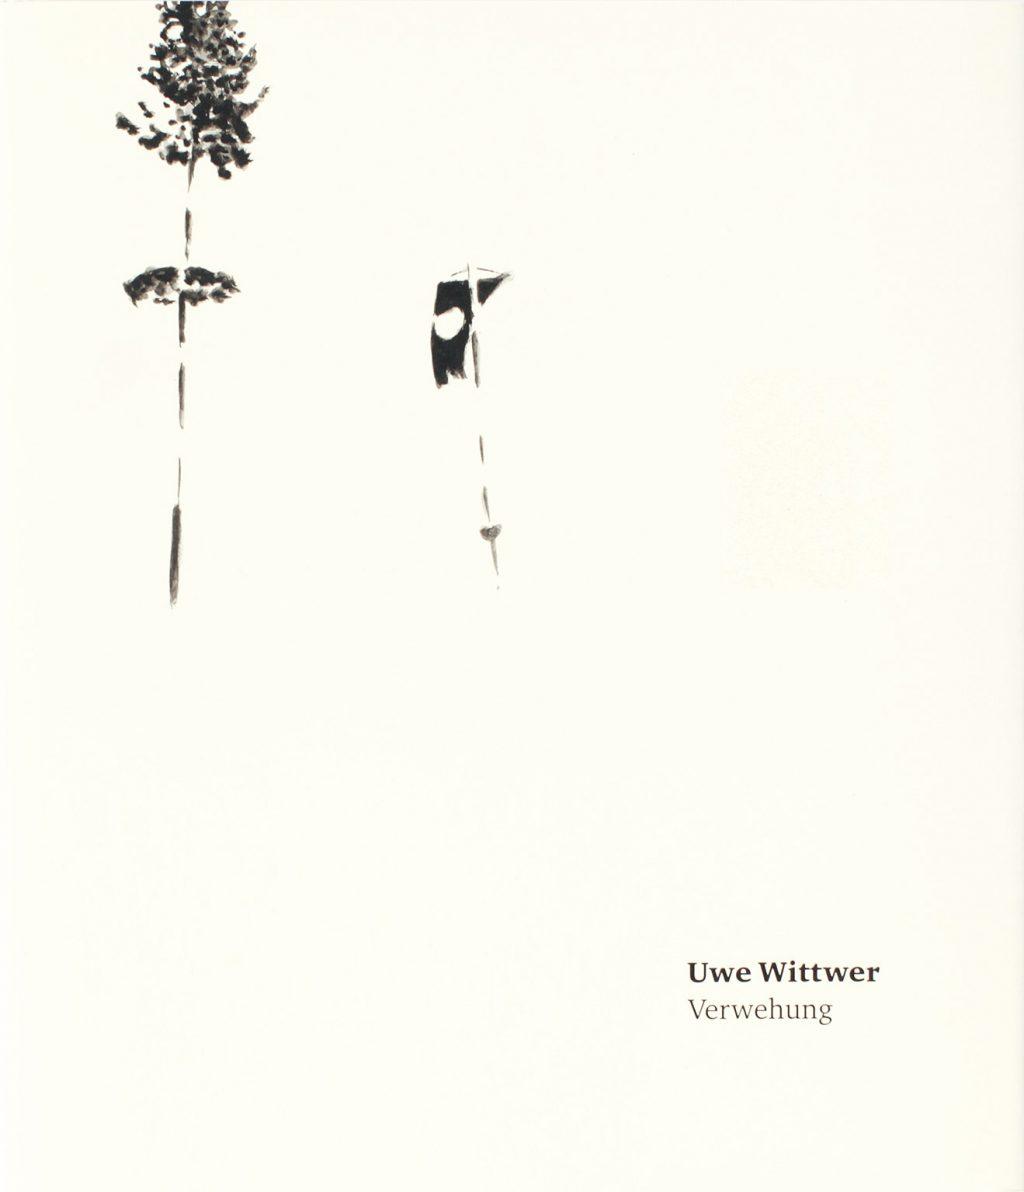 2009 Uwe Wittwer Verwehung